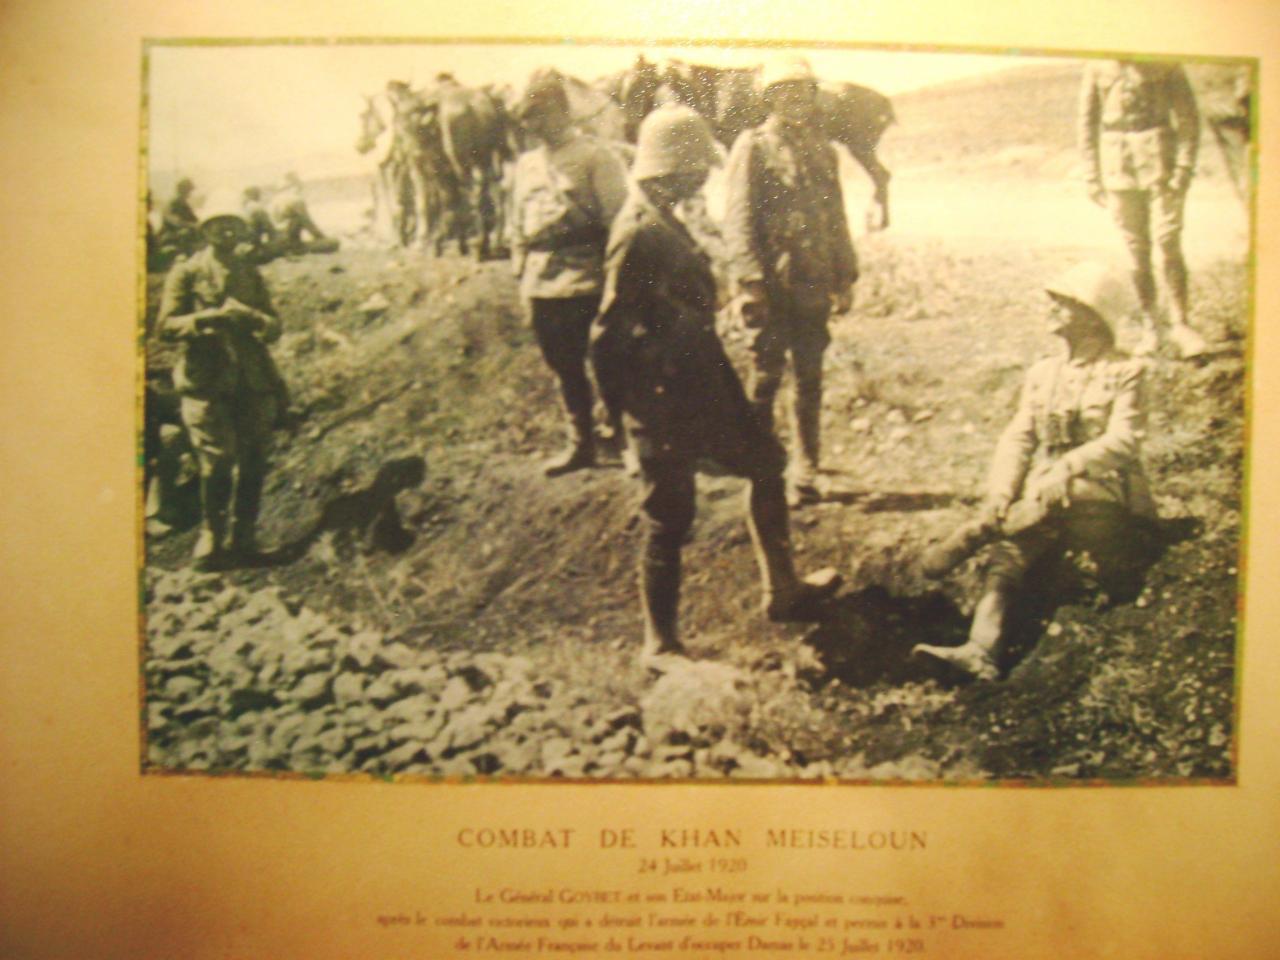 combat-de-khan-meiseiloun-24-juillet-1920.jpg